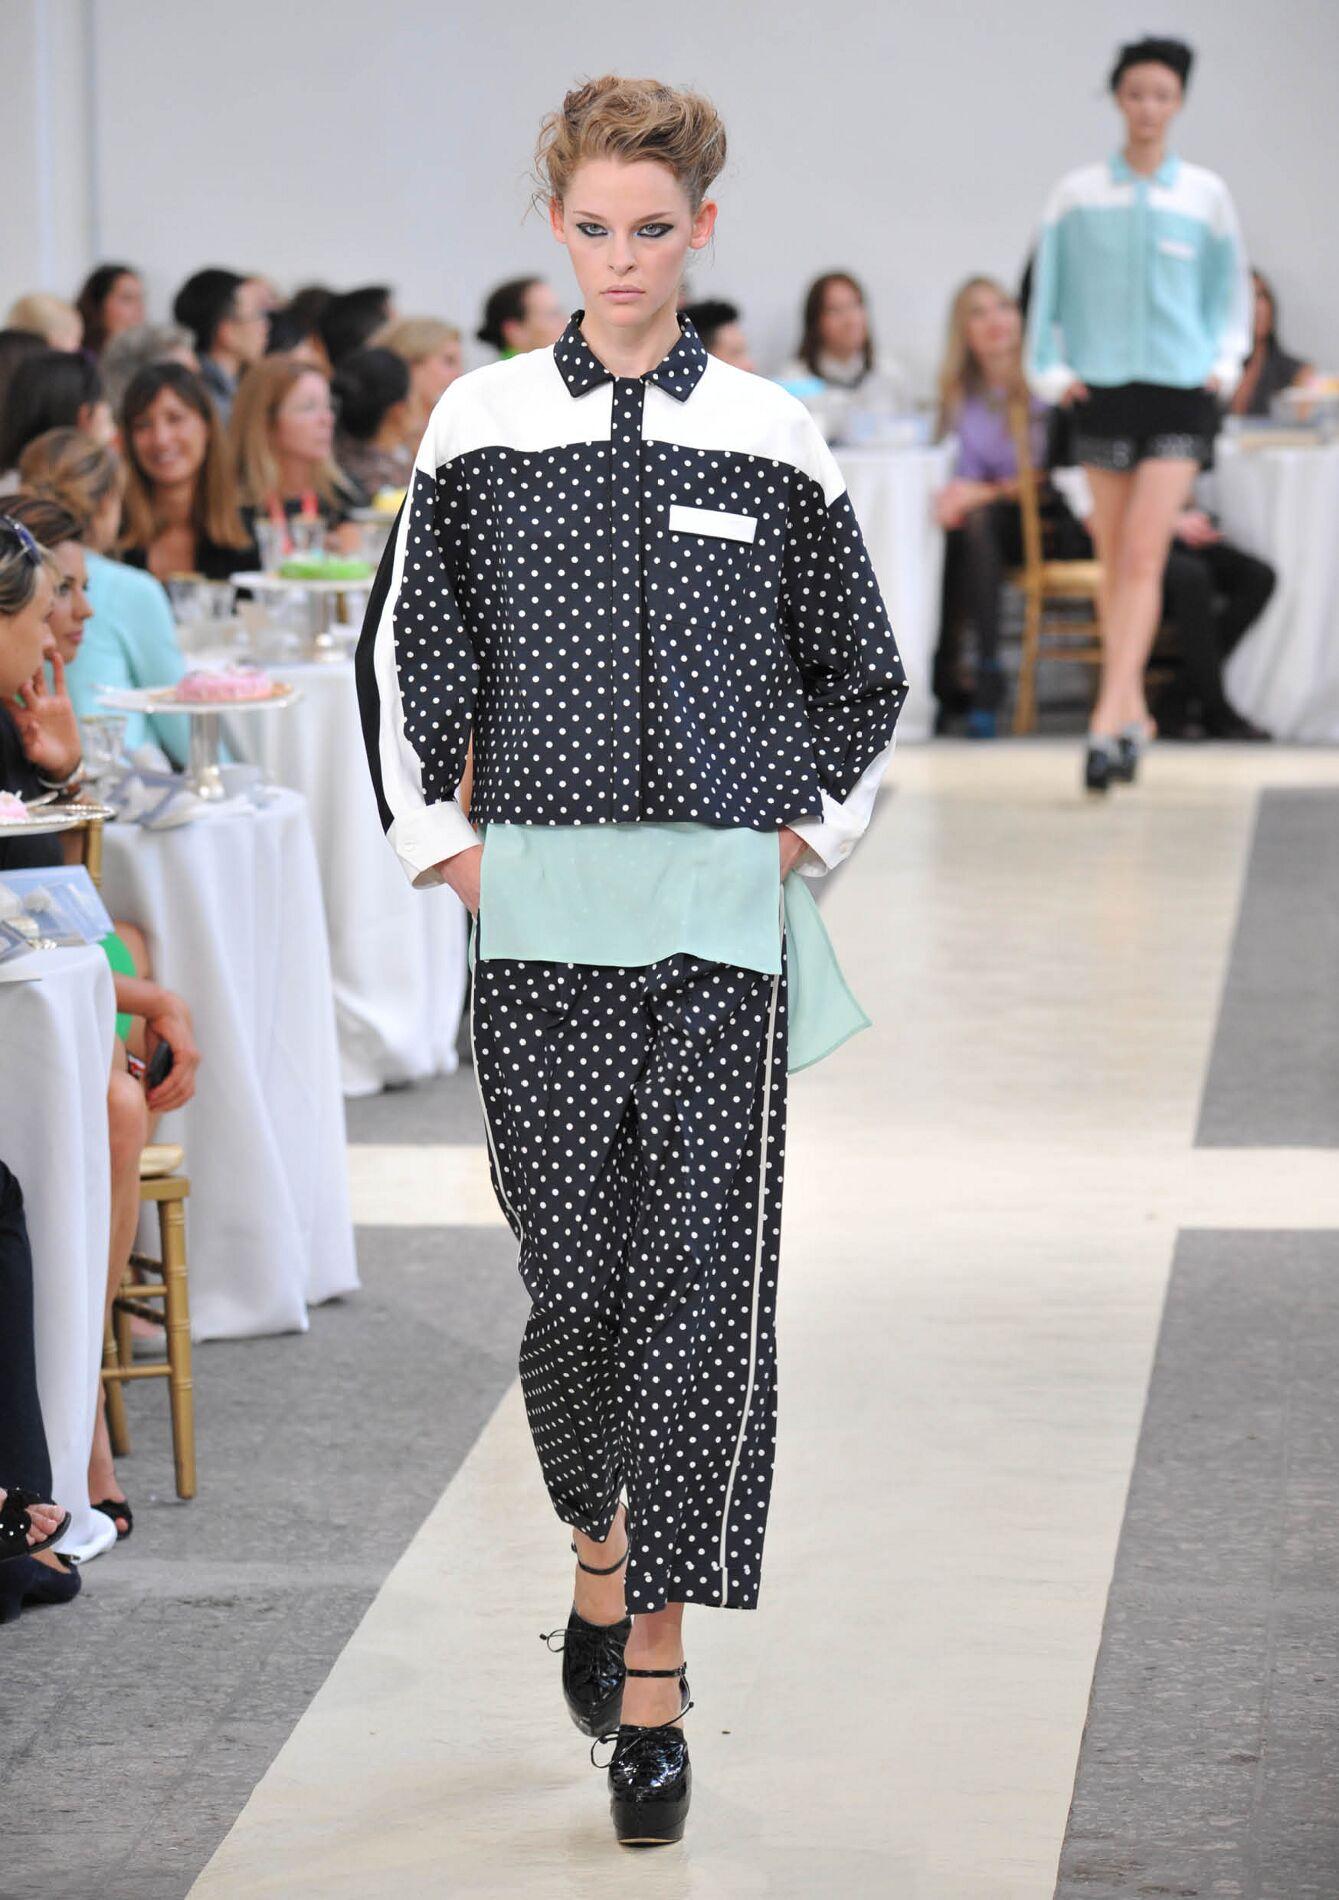 Antonio Marras Fashion Show 2013 Milano Fashion Week